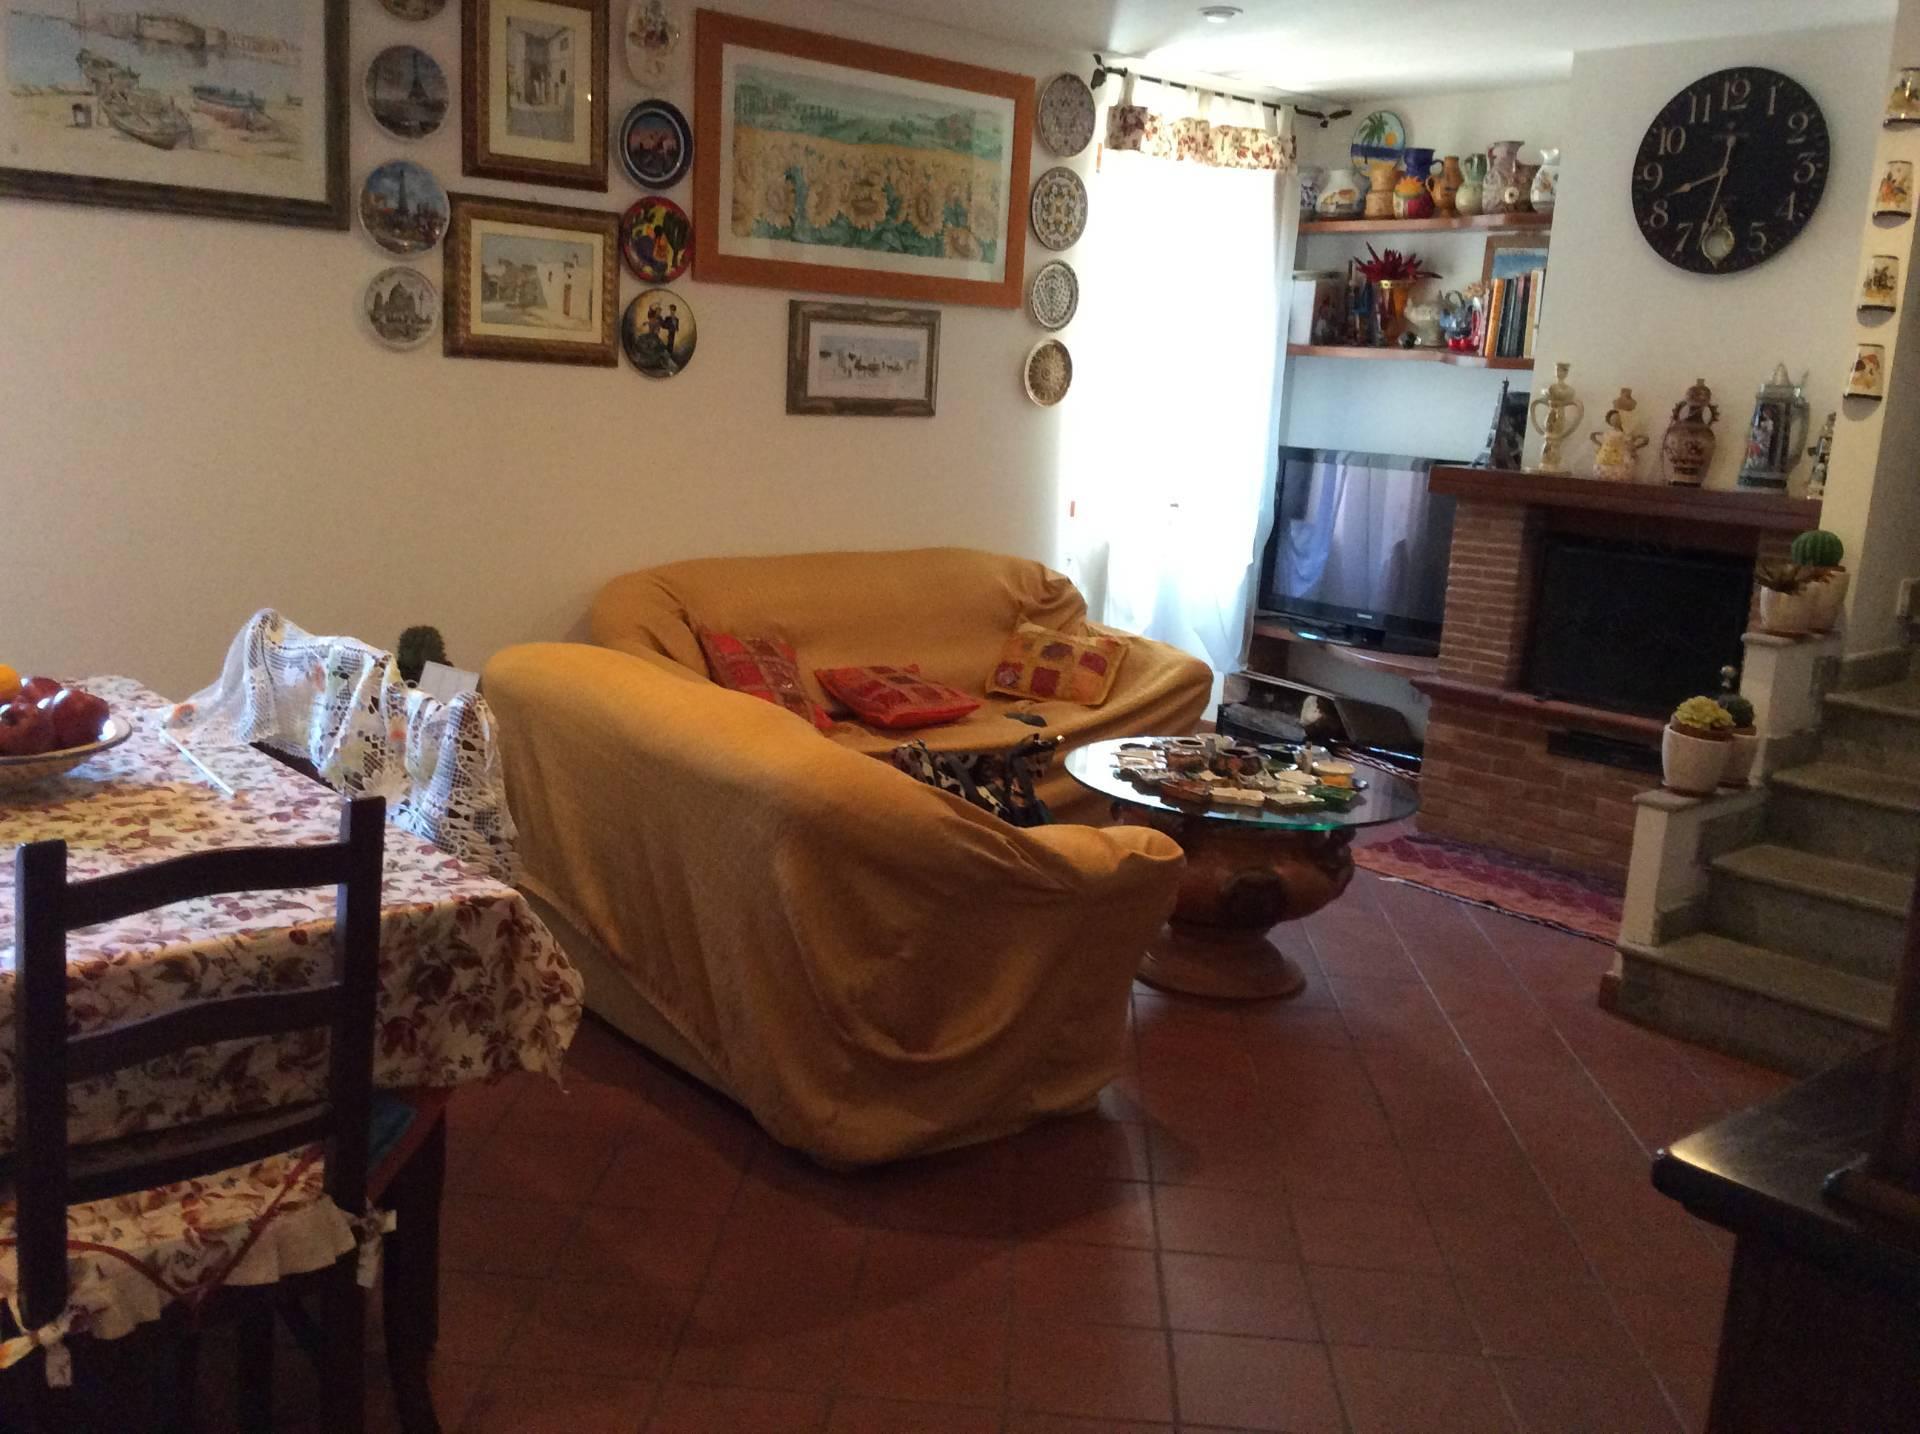 Appartamento in vendita a Ronciglione, 4 locali, zona Località: centro, prezzo € 89.000 | CambioCasa.it